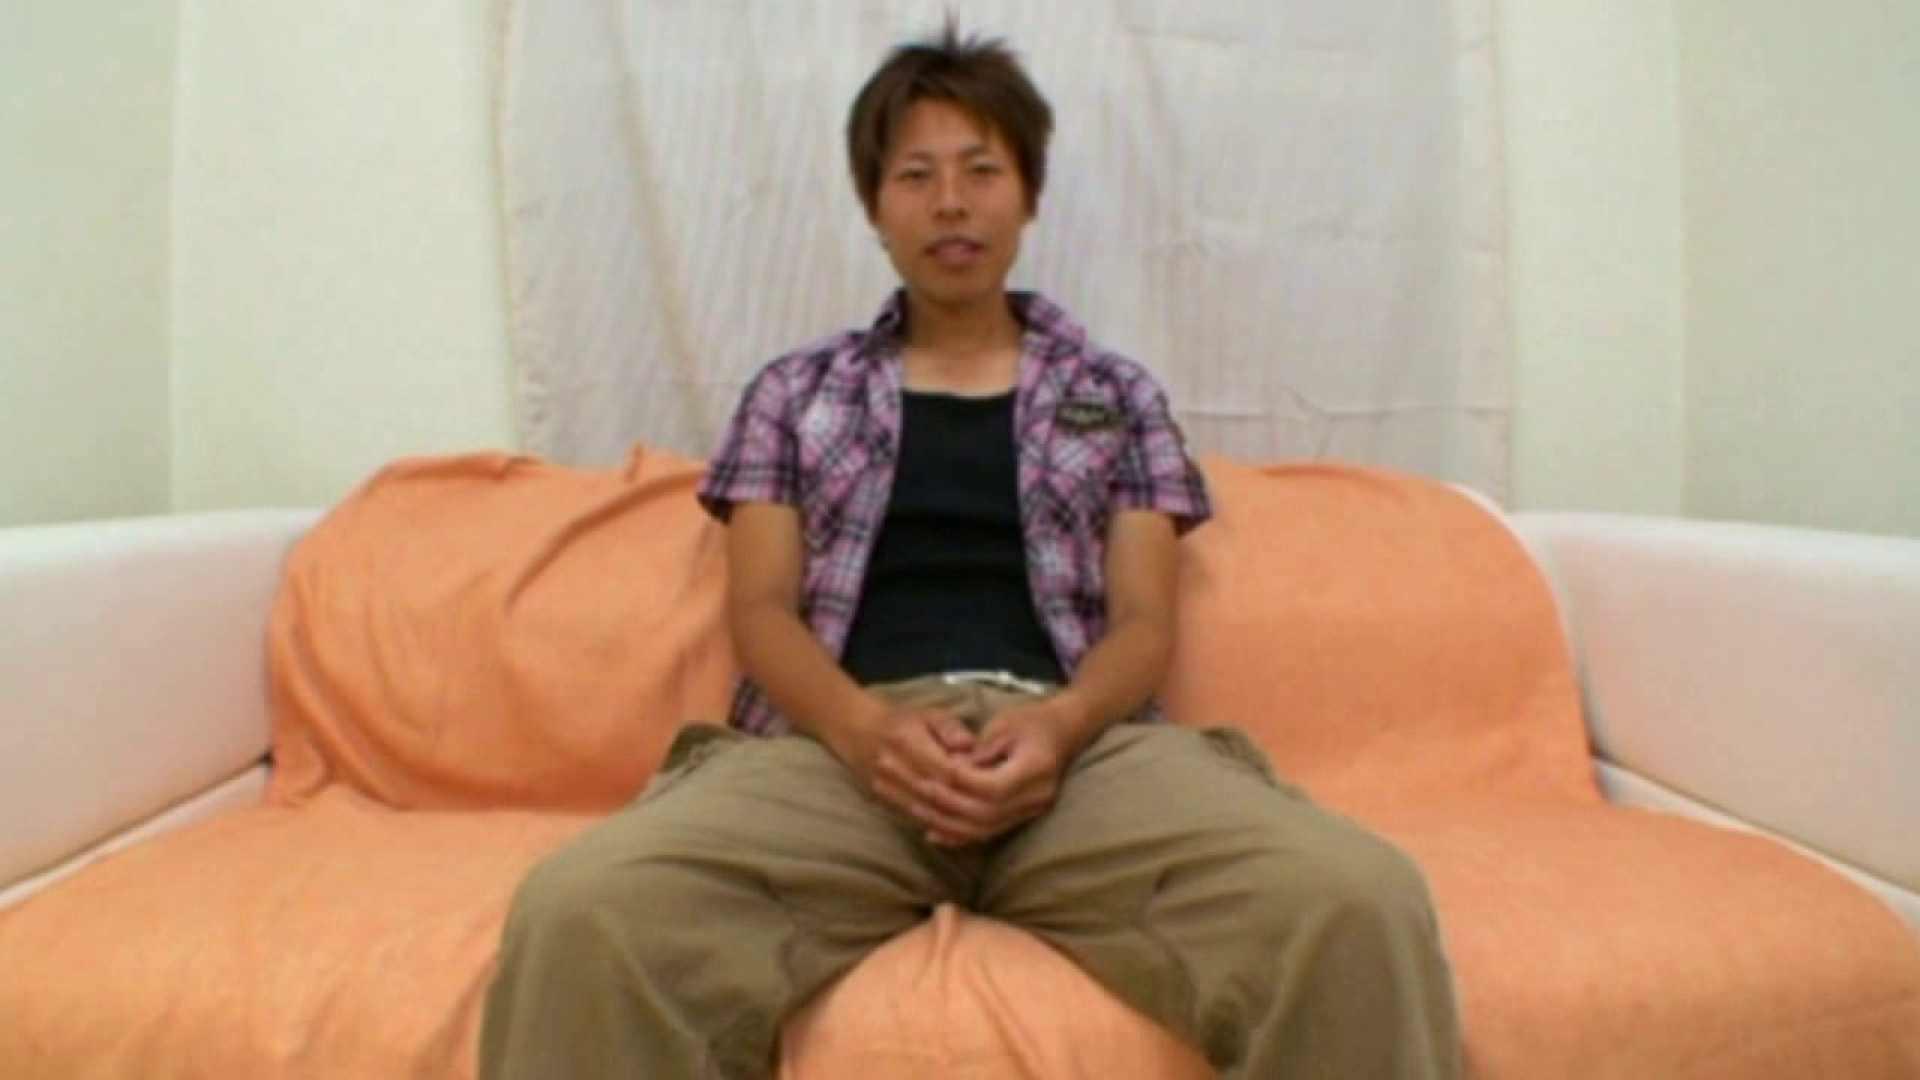 おちんちん|ノンケ!自慰スタジオ No.10|自慰